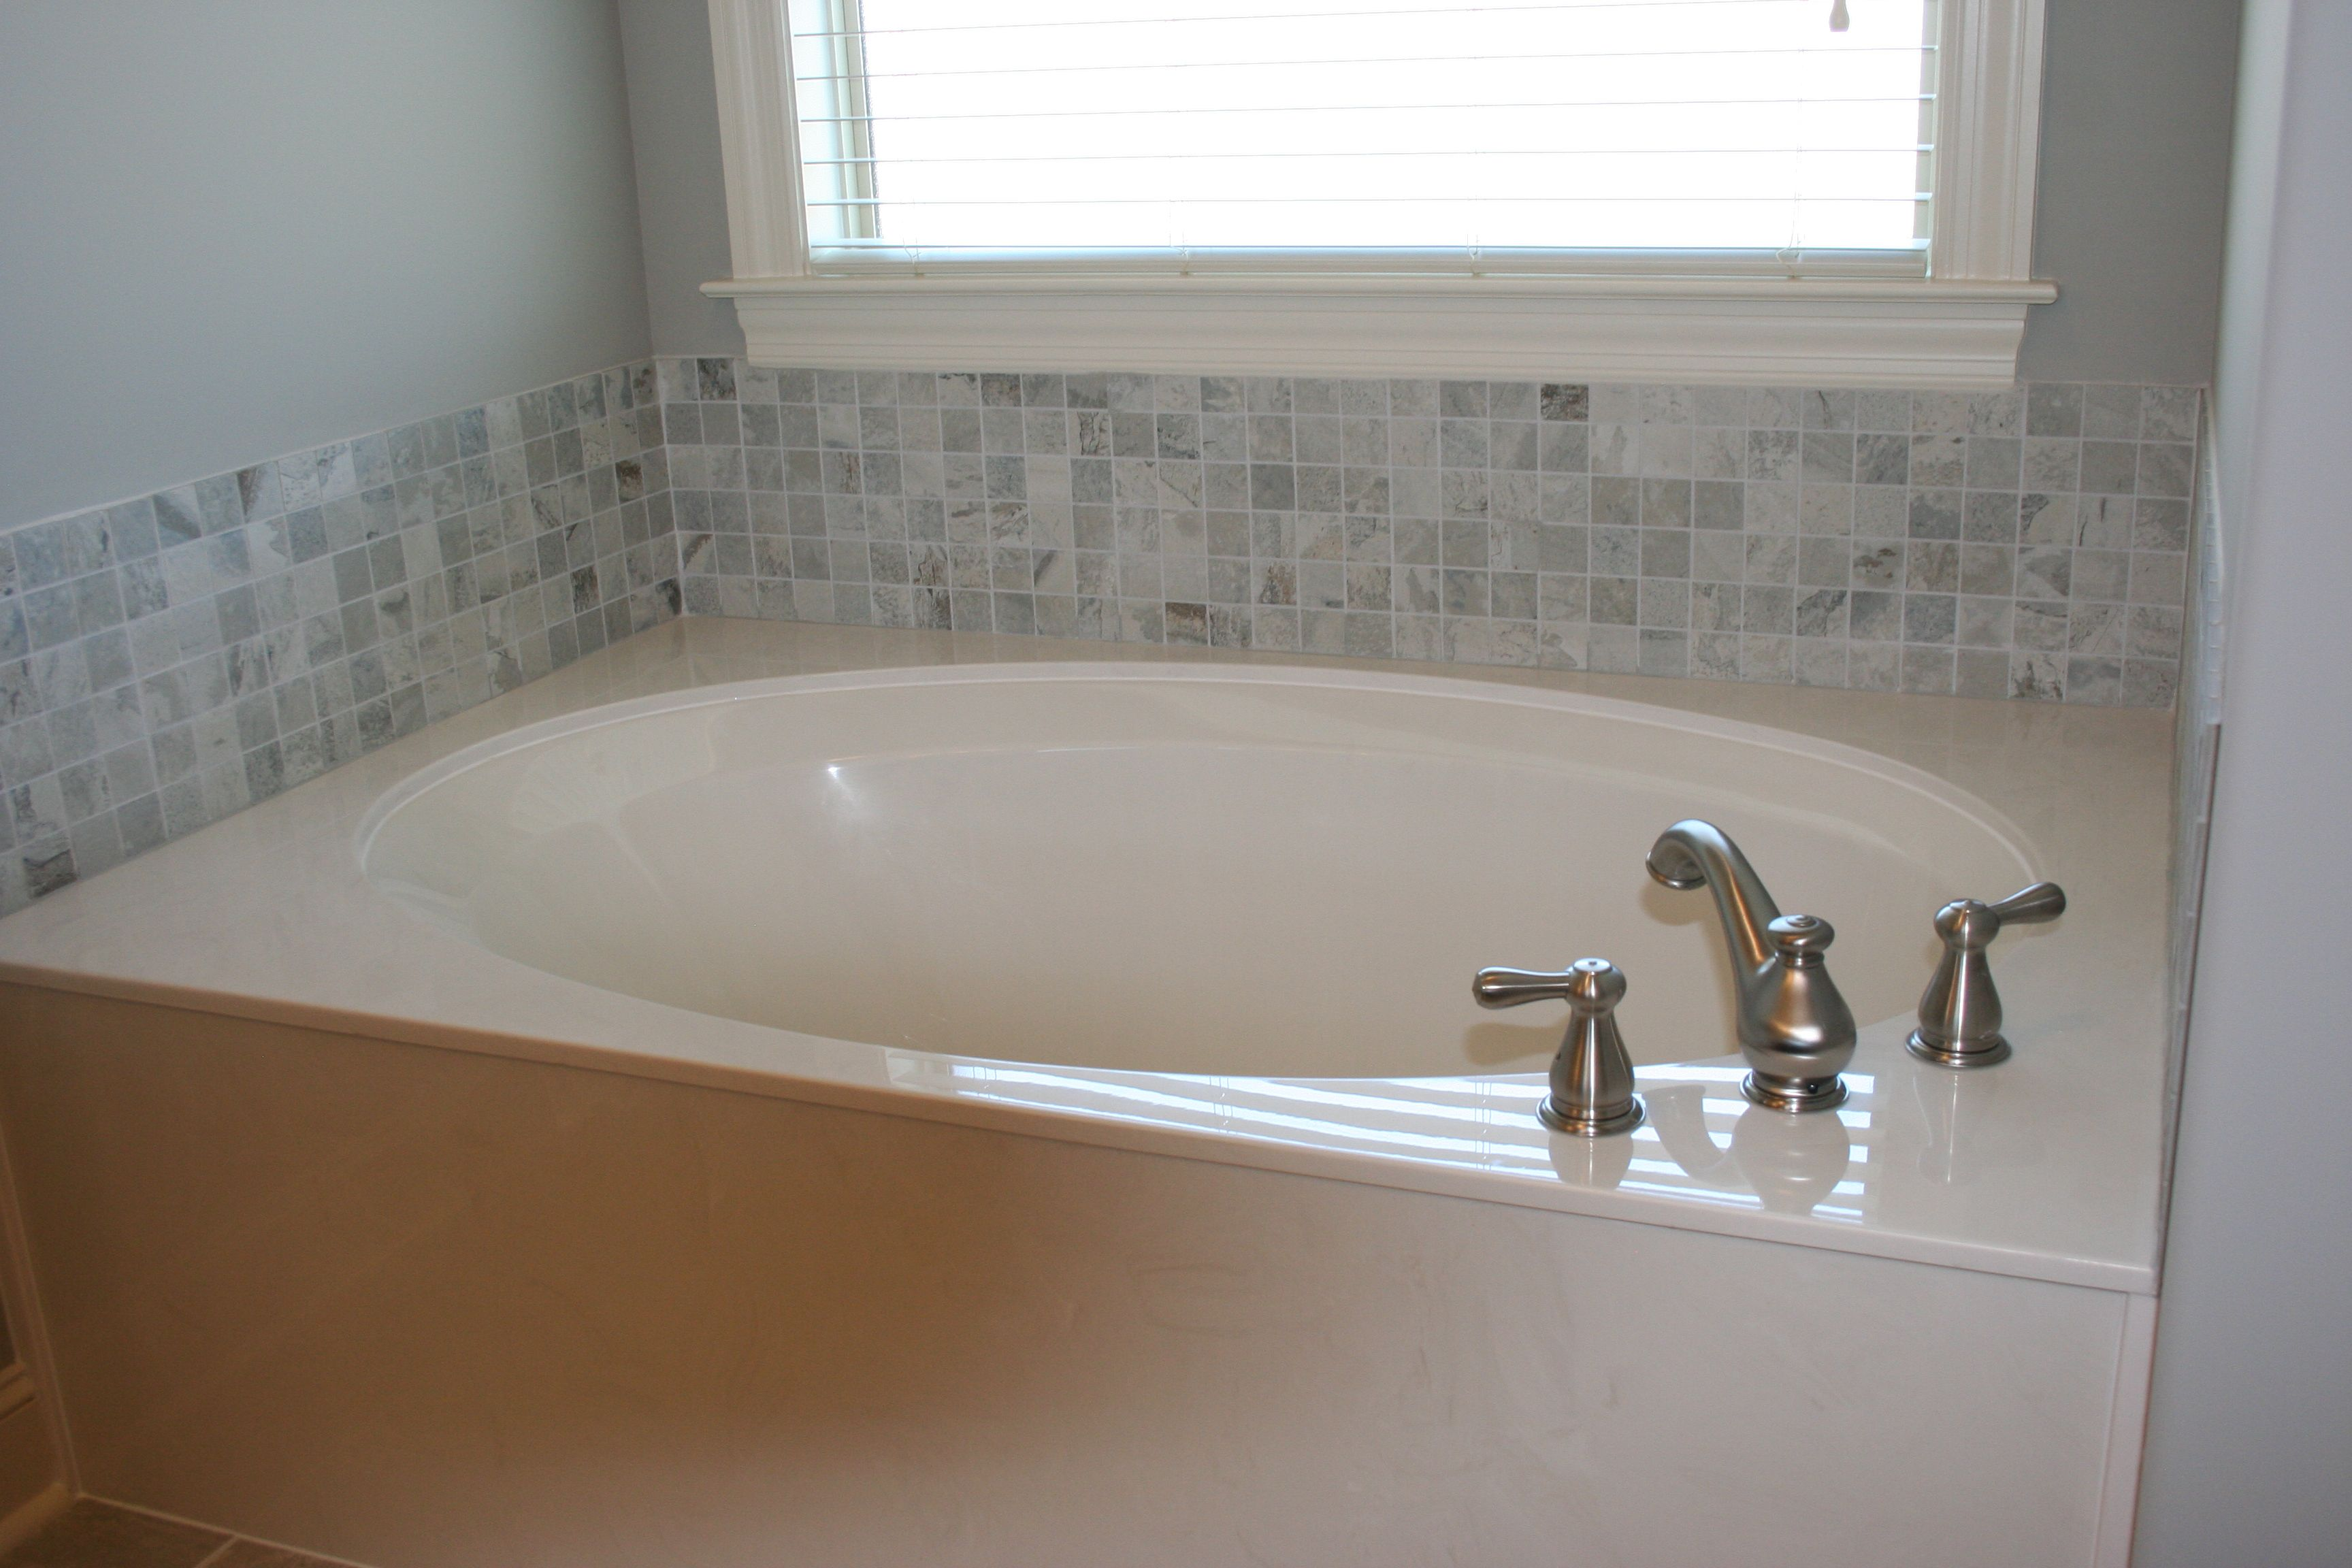 Cultured Marble Tub With Tile Backsplash Marble Tub Corner Tub